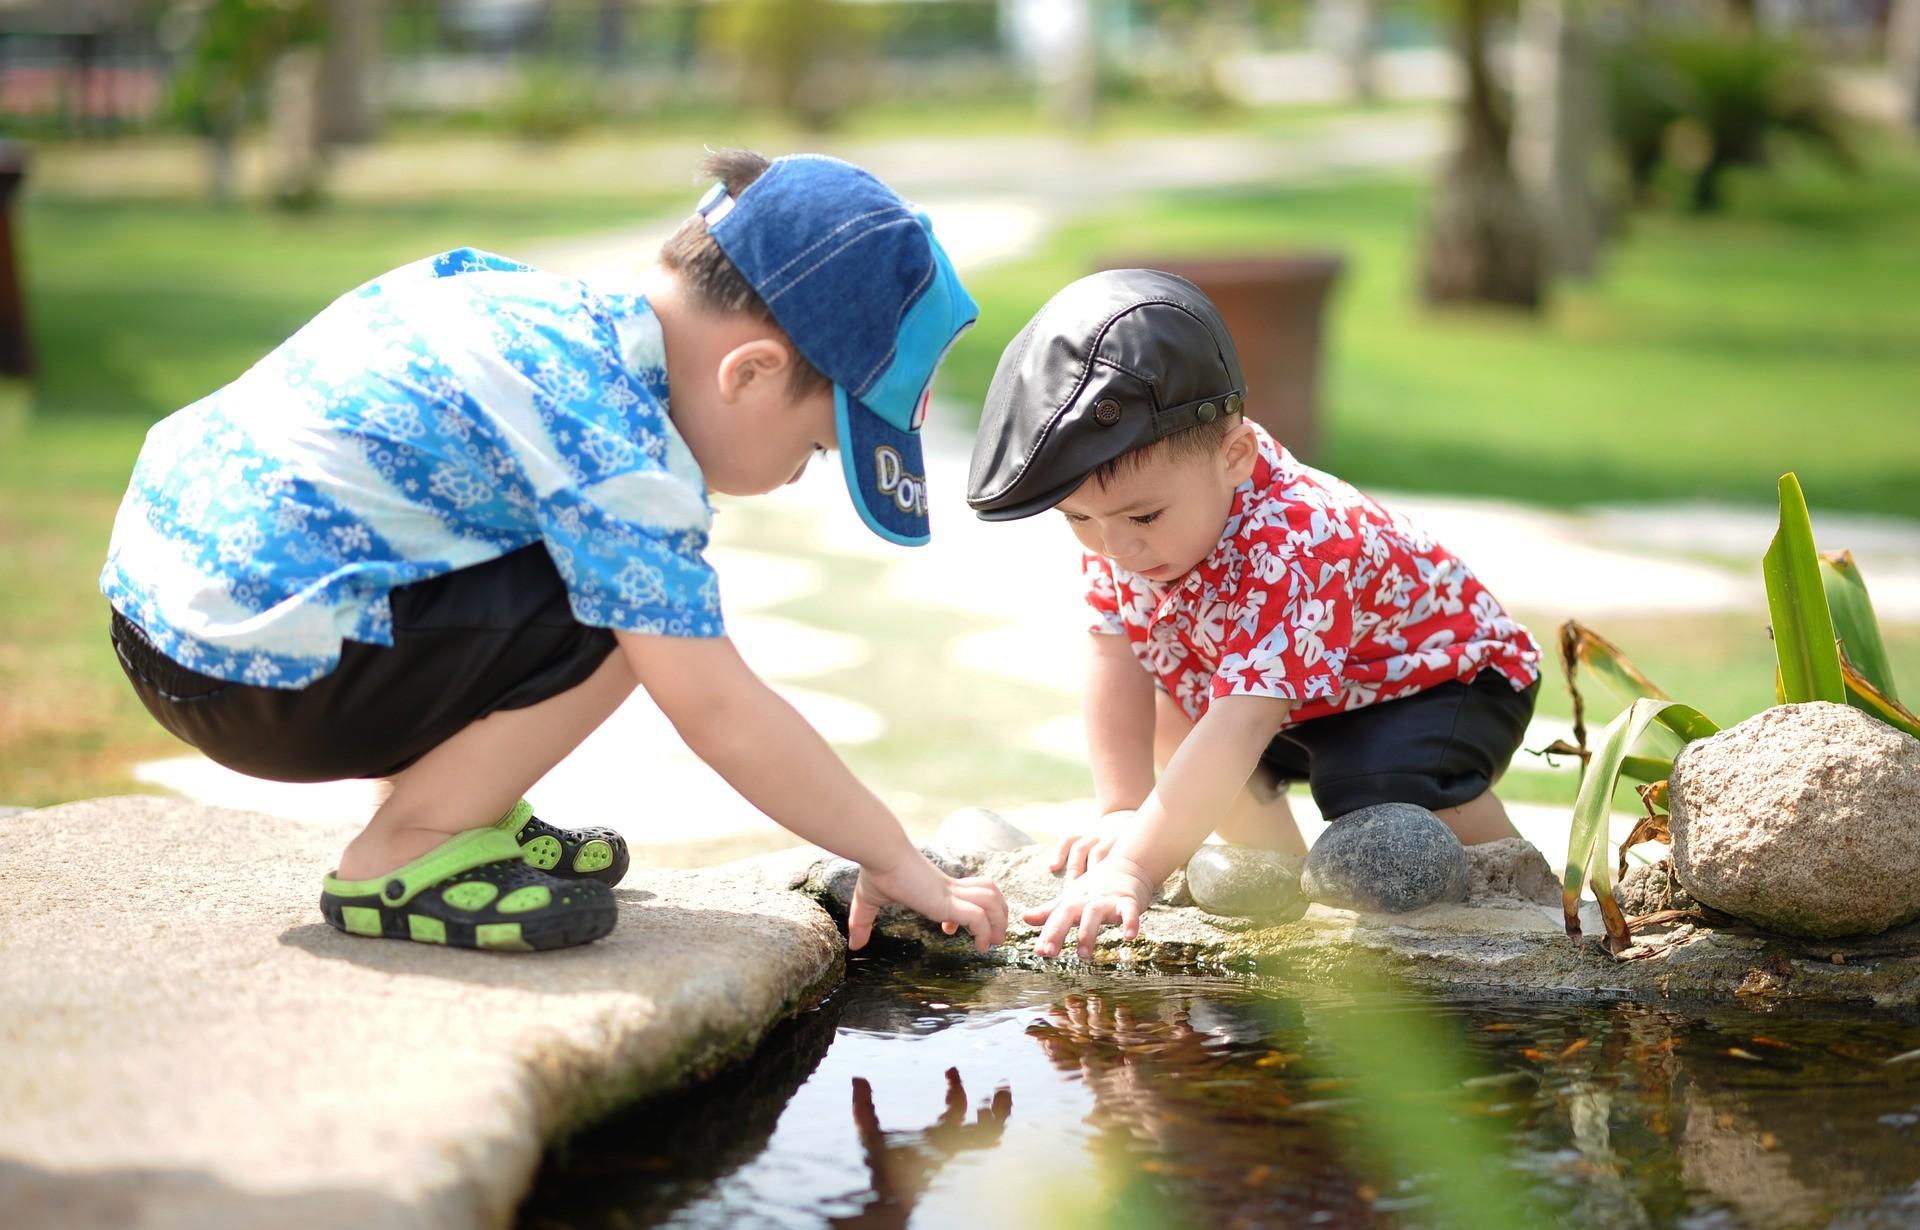 ▲小孩,男孩,兒童。(圖/取自免費圖庫Pixabay)